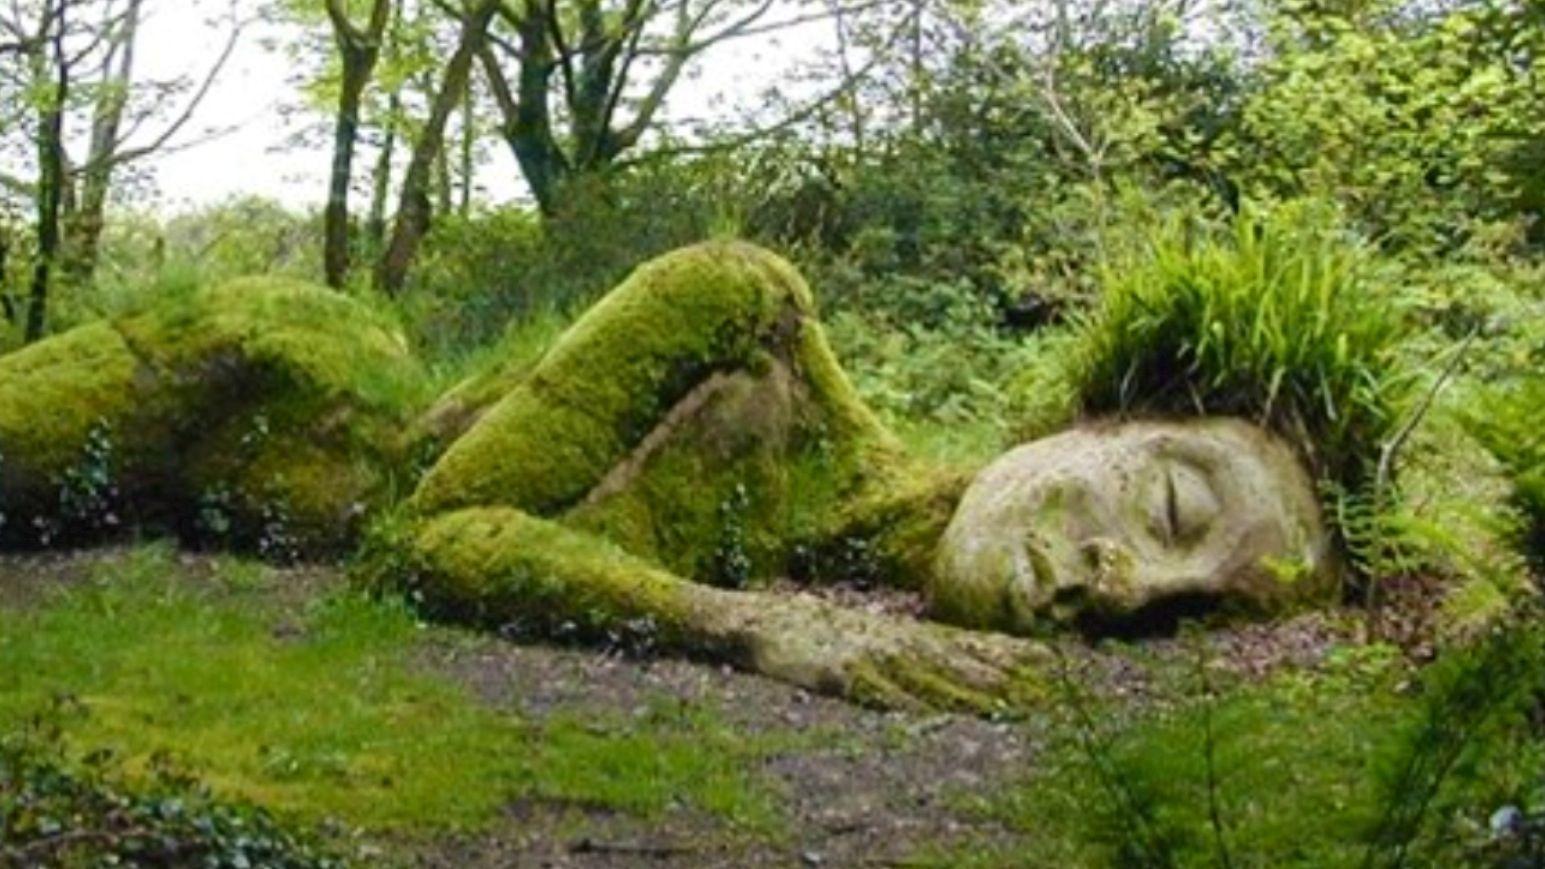 Au bout de l'allée | Lost gardens of heligan, Lost garden ...